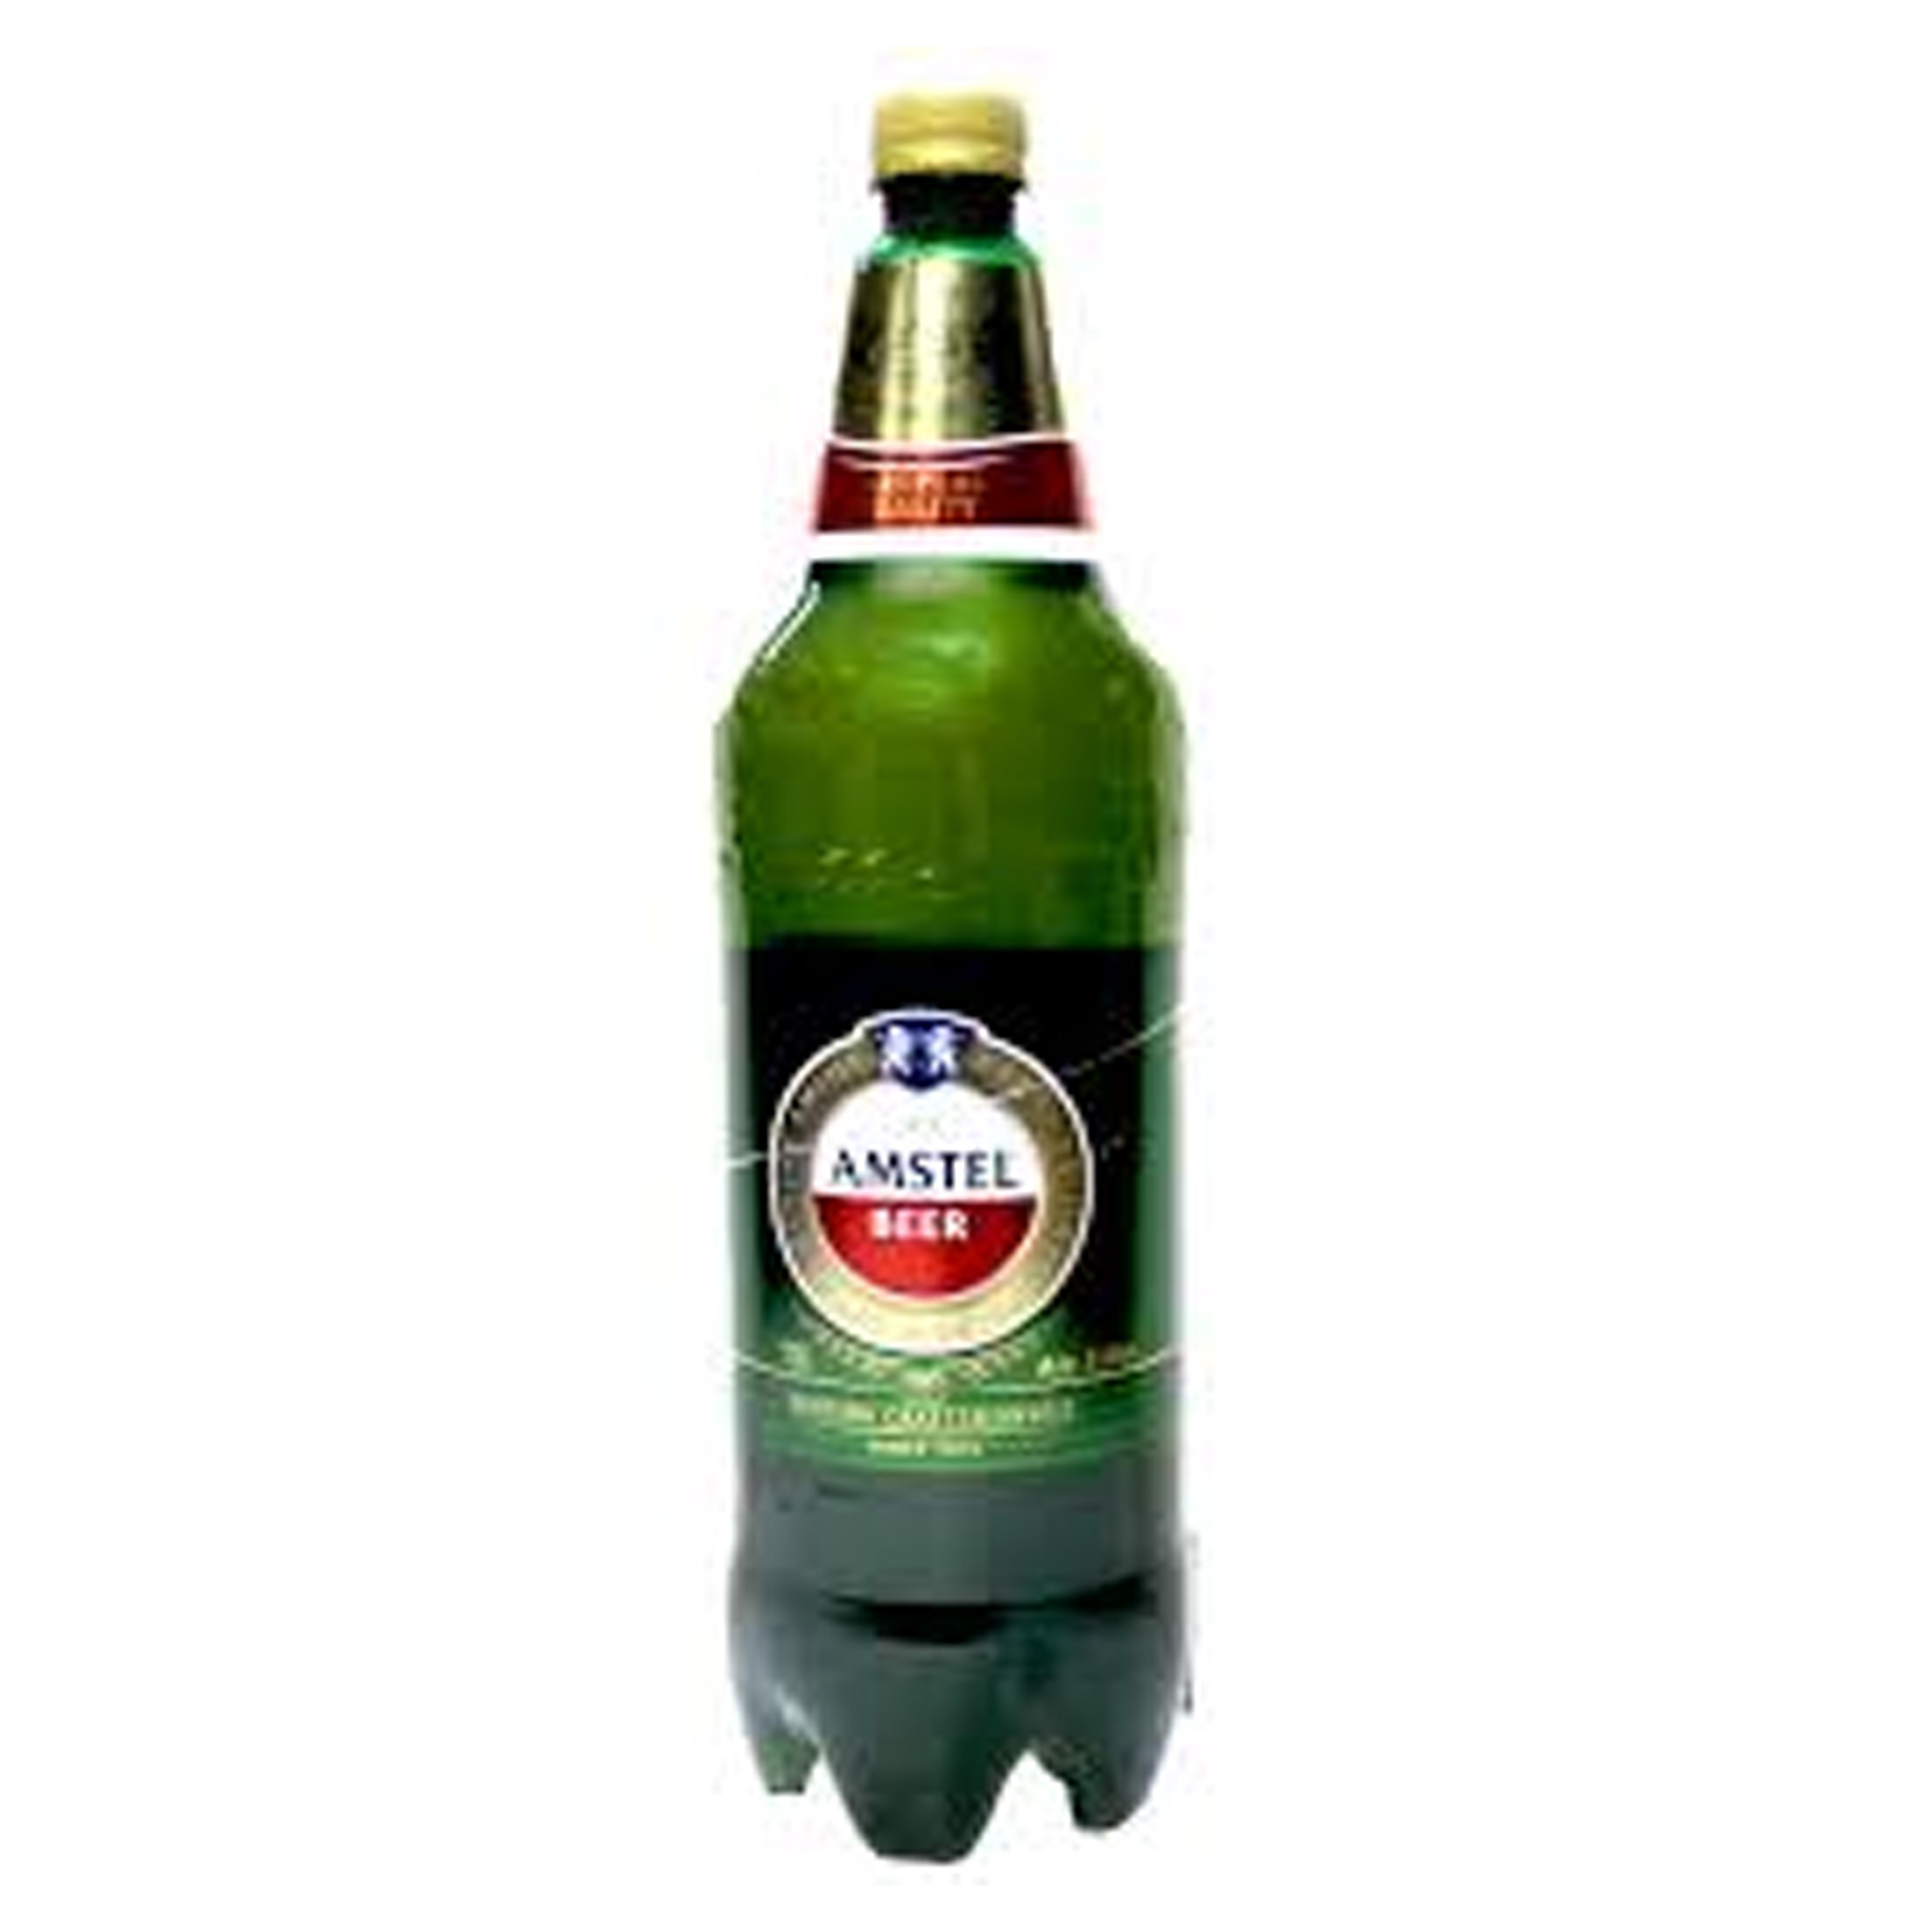 ლუდი ამსტელი -  1.5 ლ.